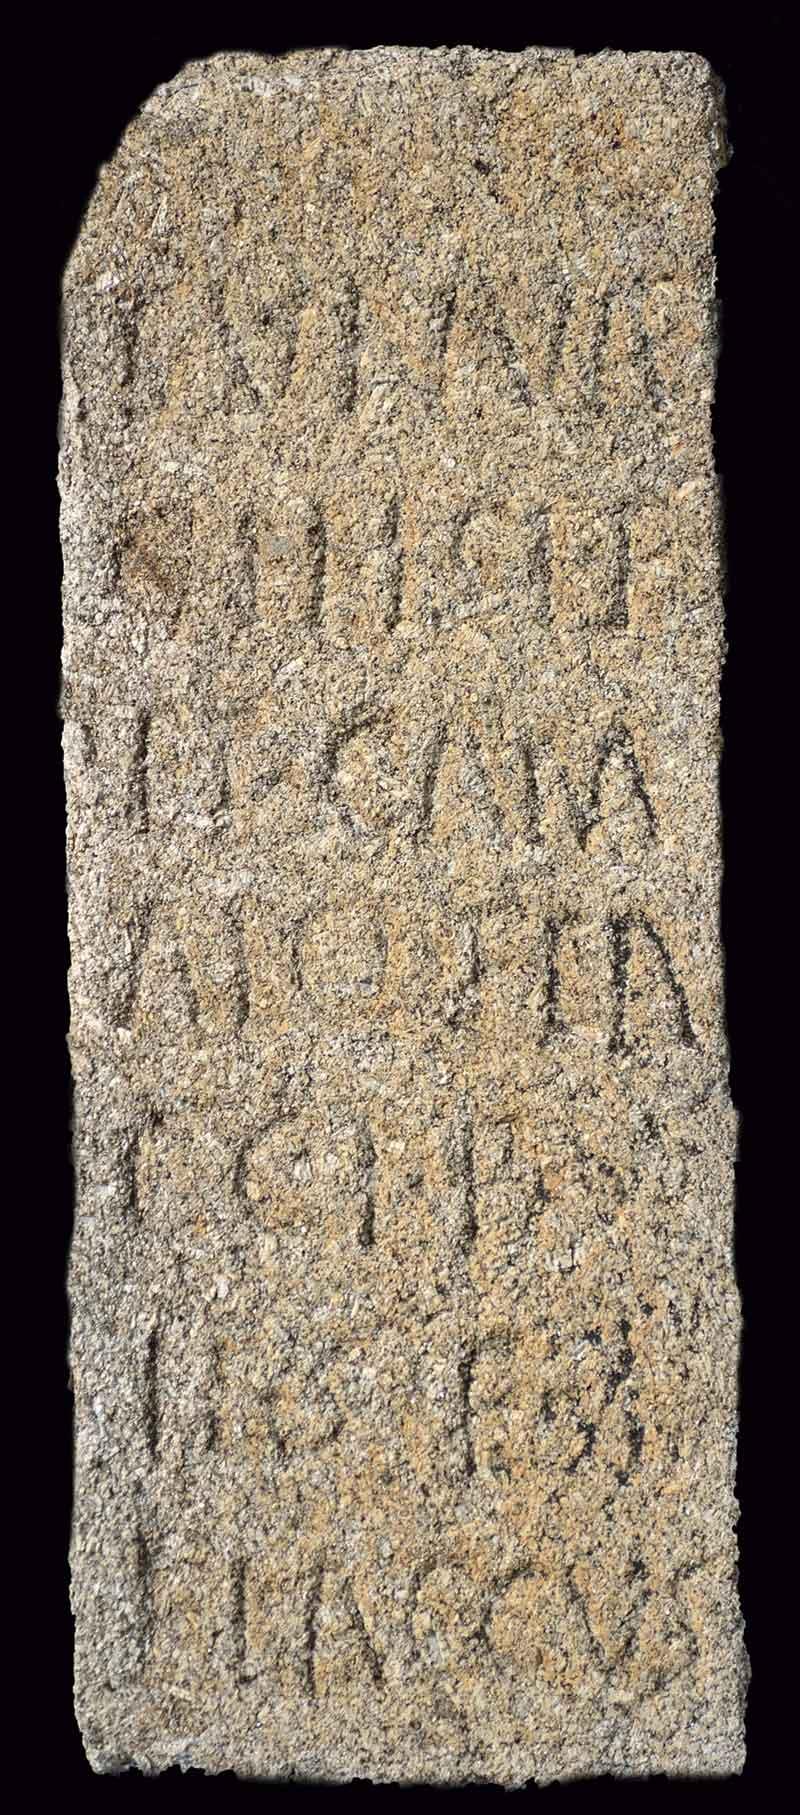 Los nombres de nuestros antepasados: Camalo. Grada 134. Arqueología